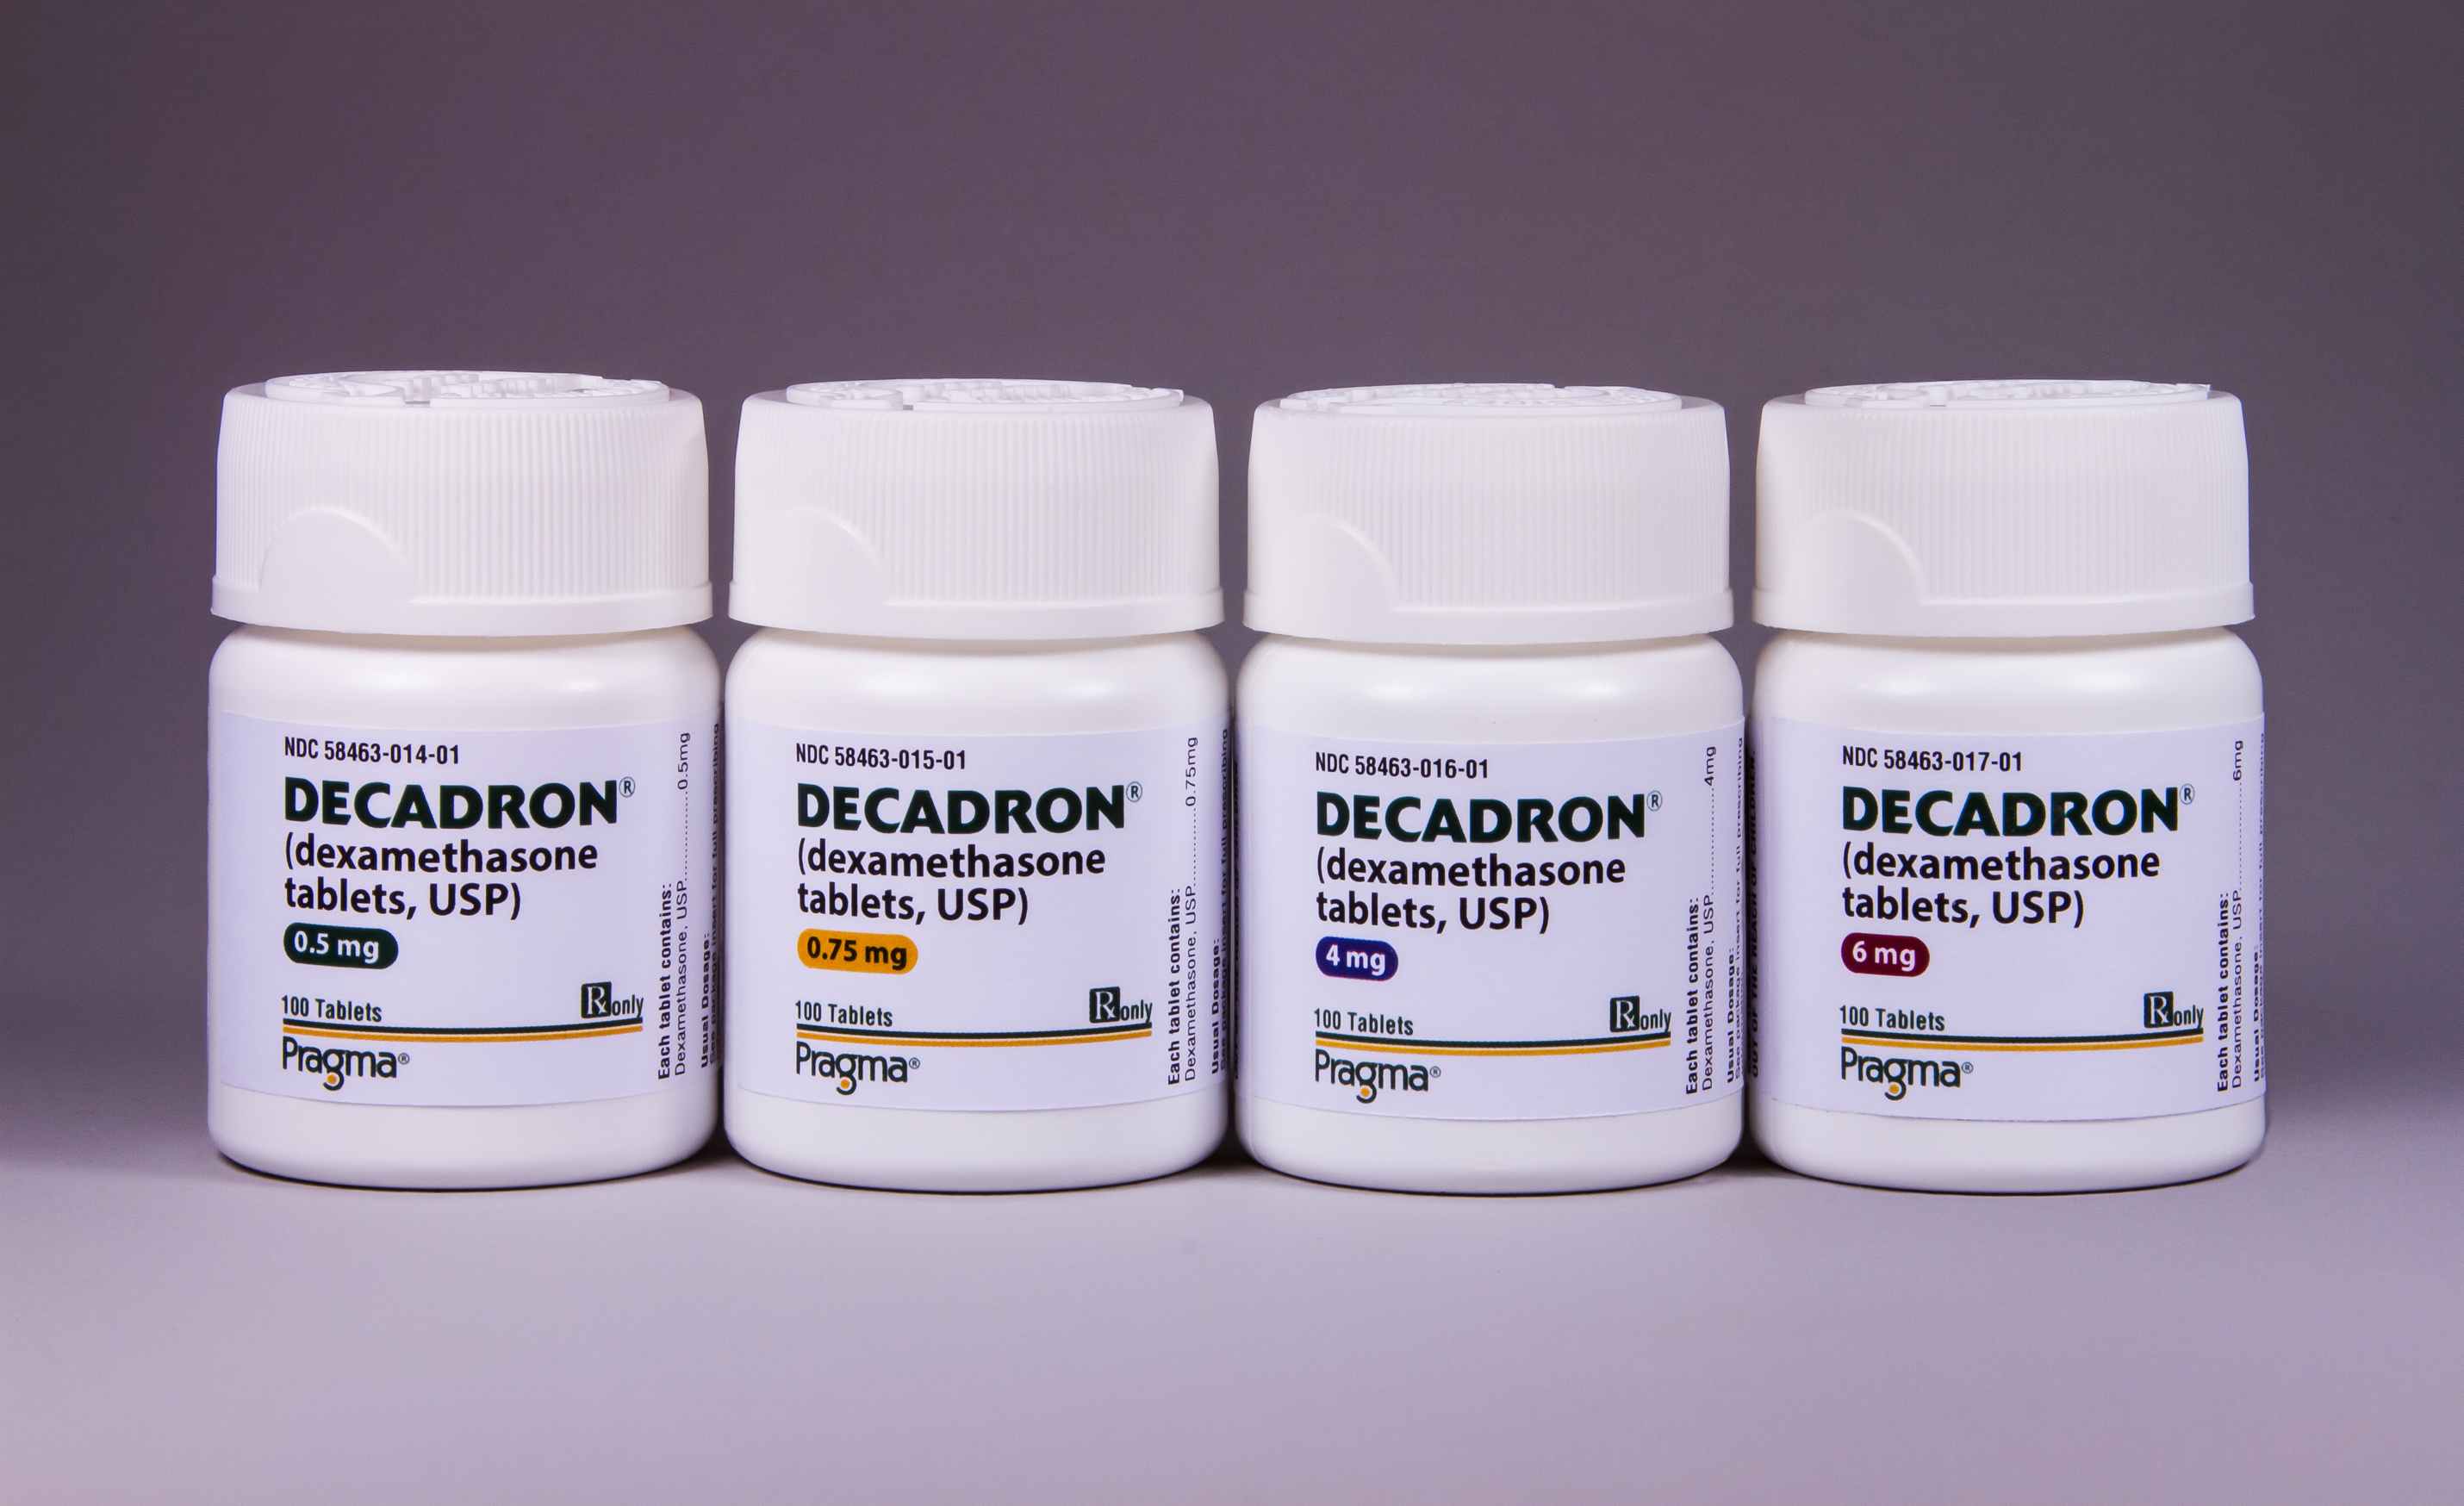 meclizine hcl dosage